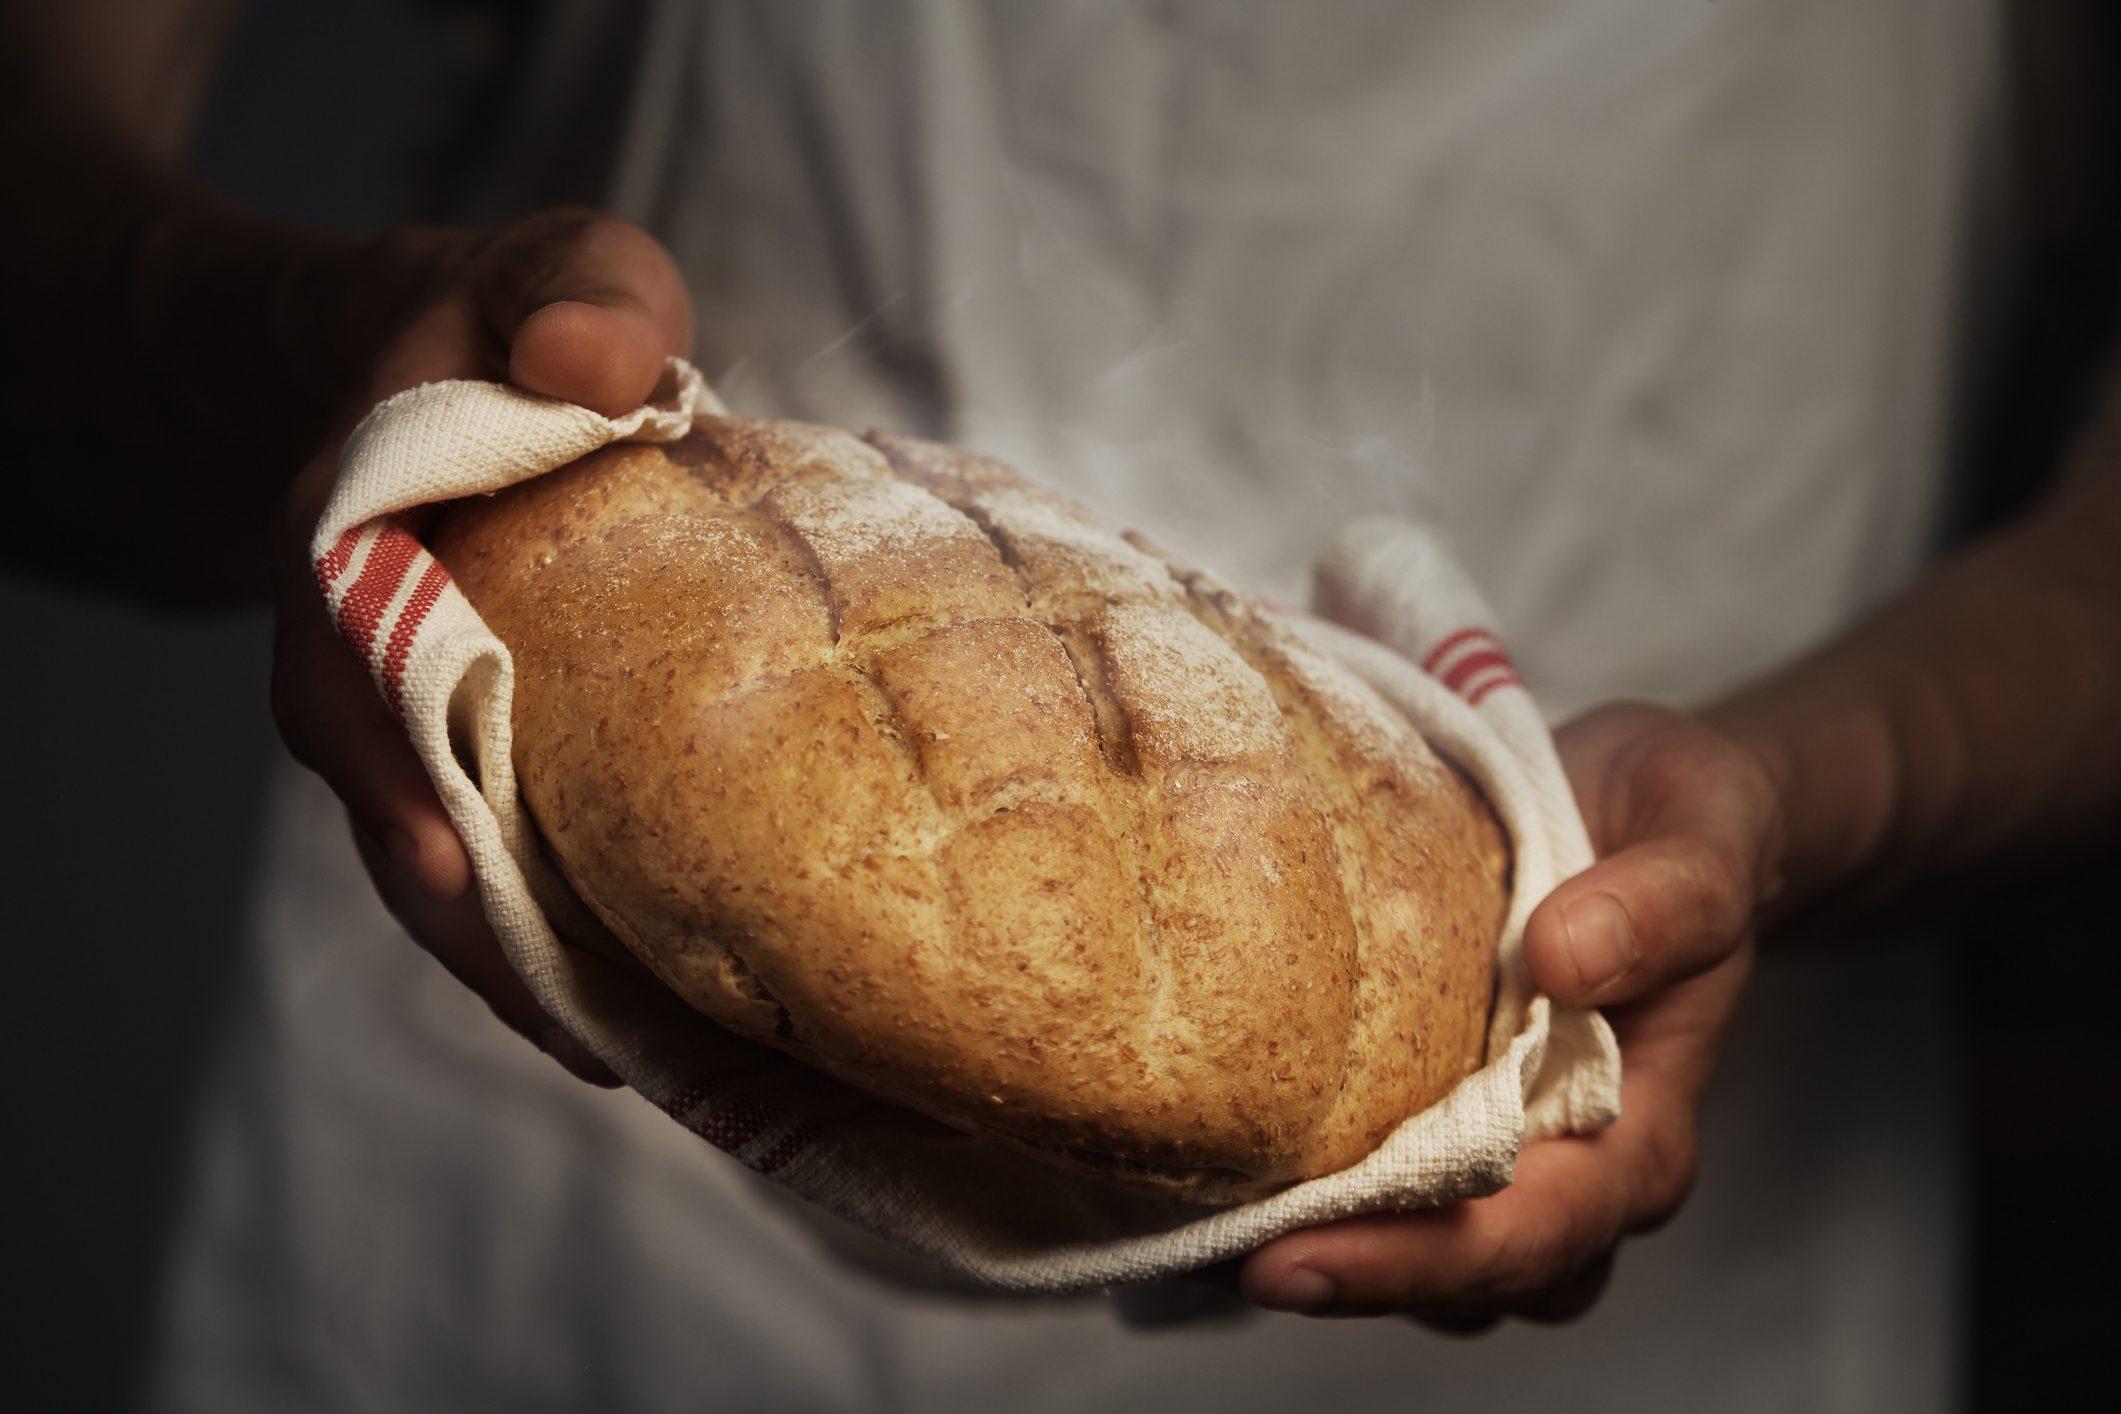 Guida Pane&Panettieri del Gambero Rosso: il premio pane dell'anno a Roberta Pezzella